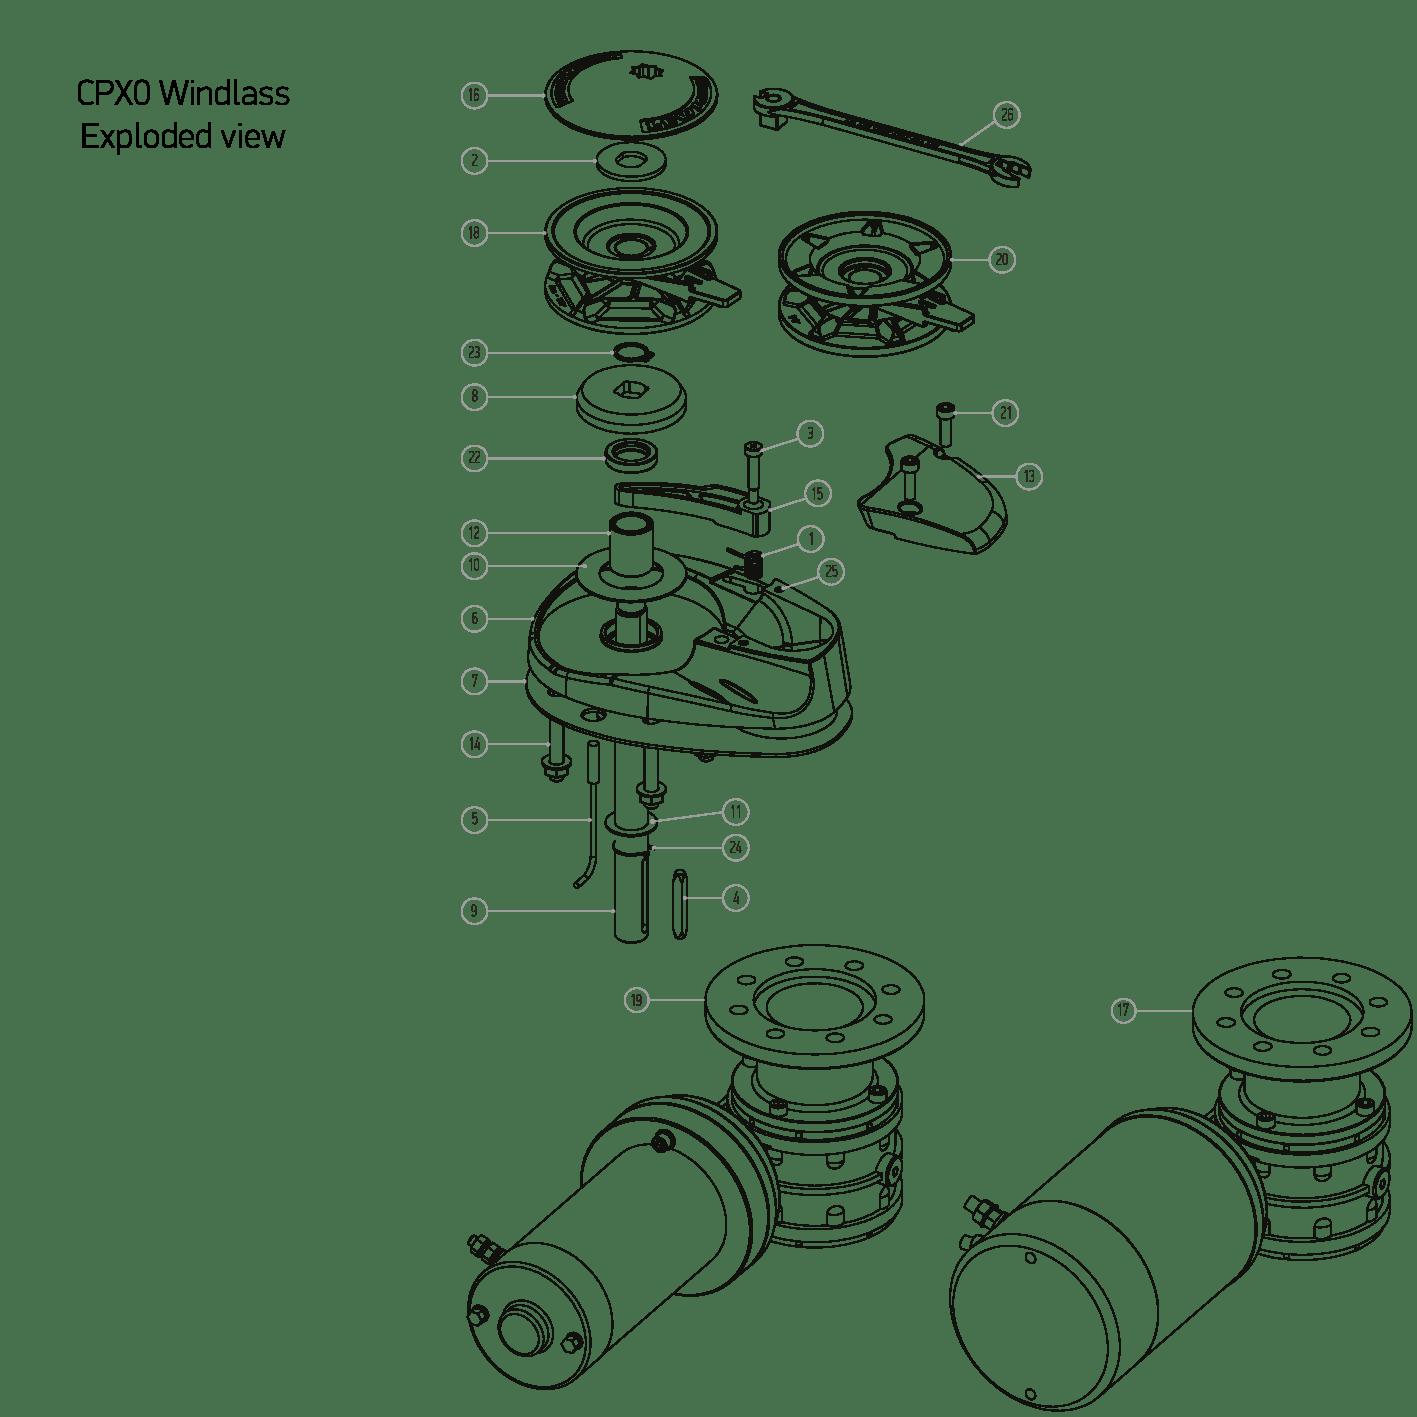 Cpx0 Windlass Spares